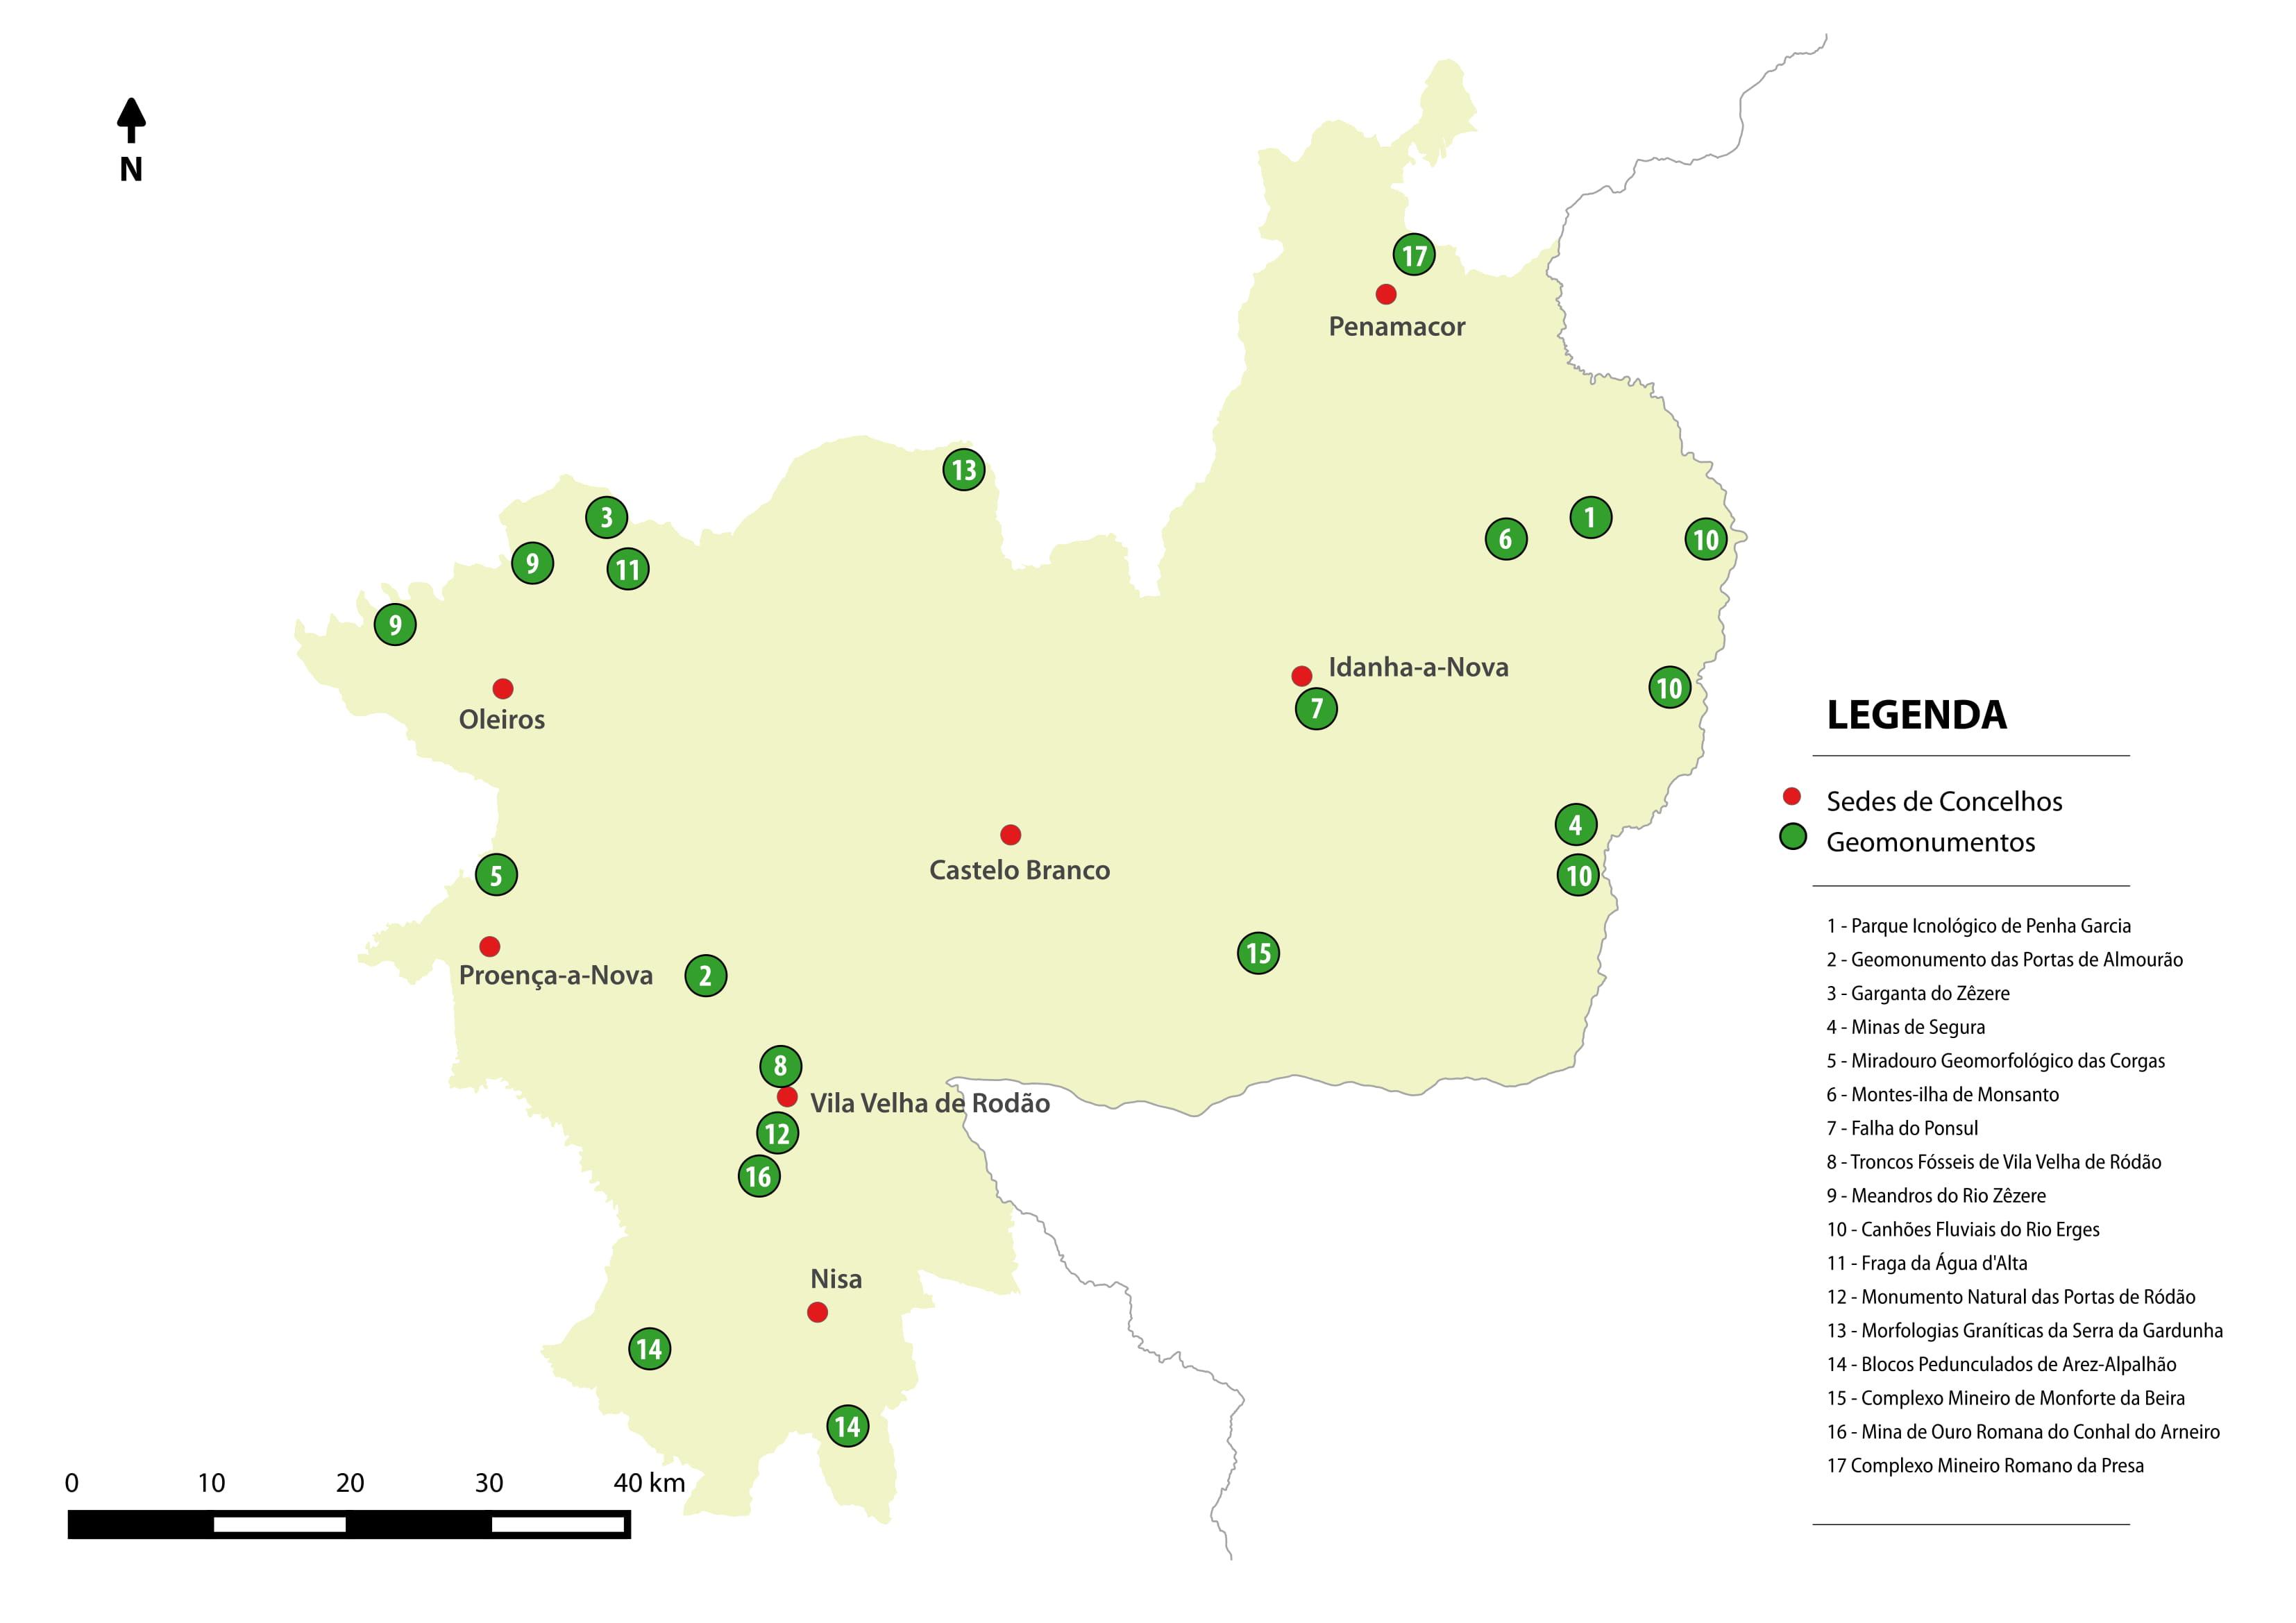 mapa de minas de ouro em portugal Geopark Naturtejo mapa de minas de ouro em portugal